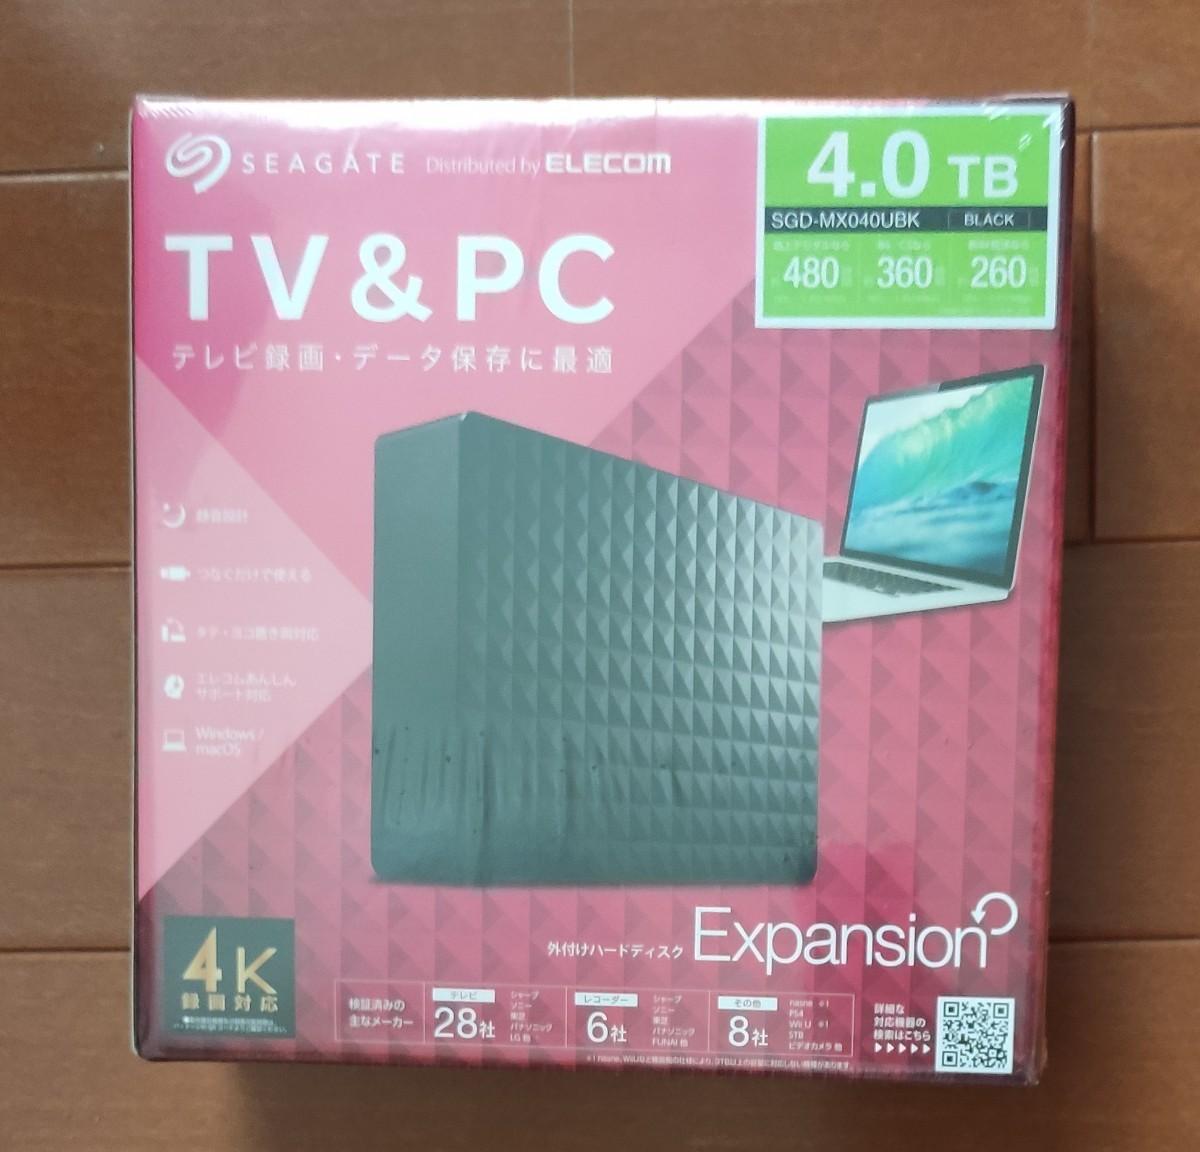 新品未開封品 4TB 外付けハードディスク 外付けHDD